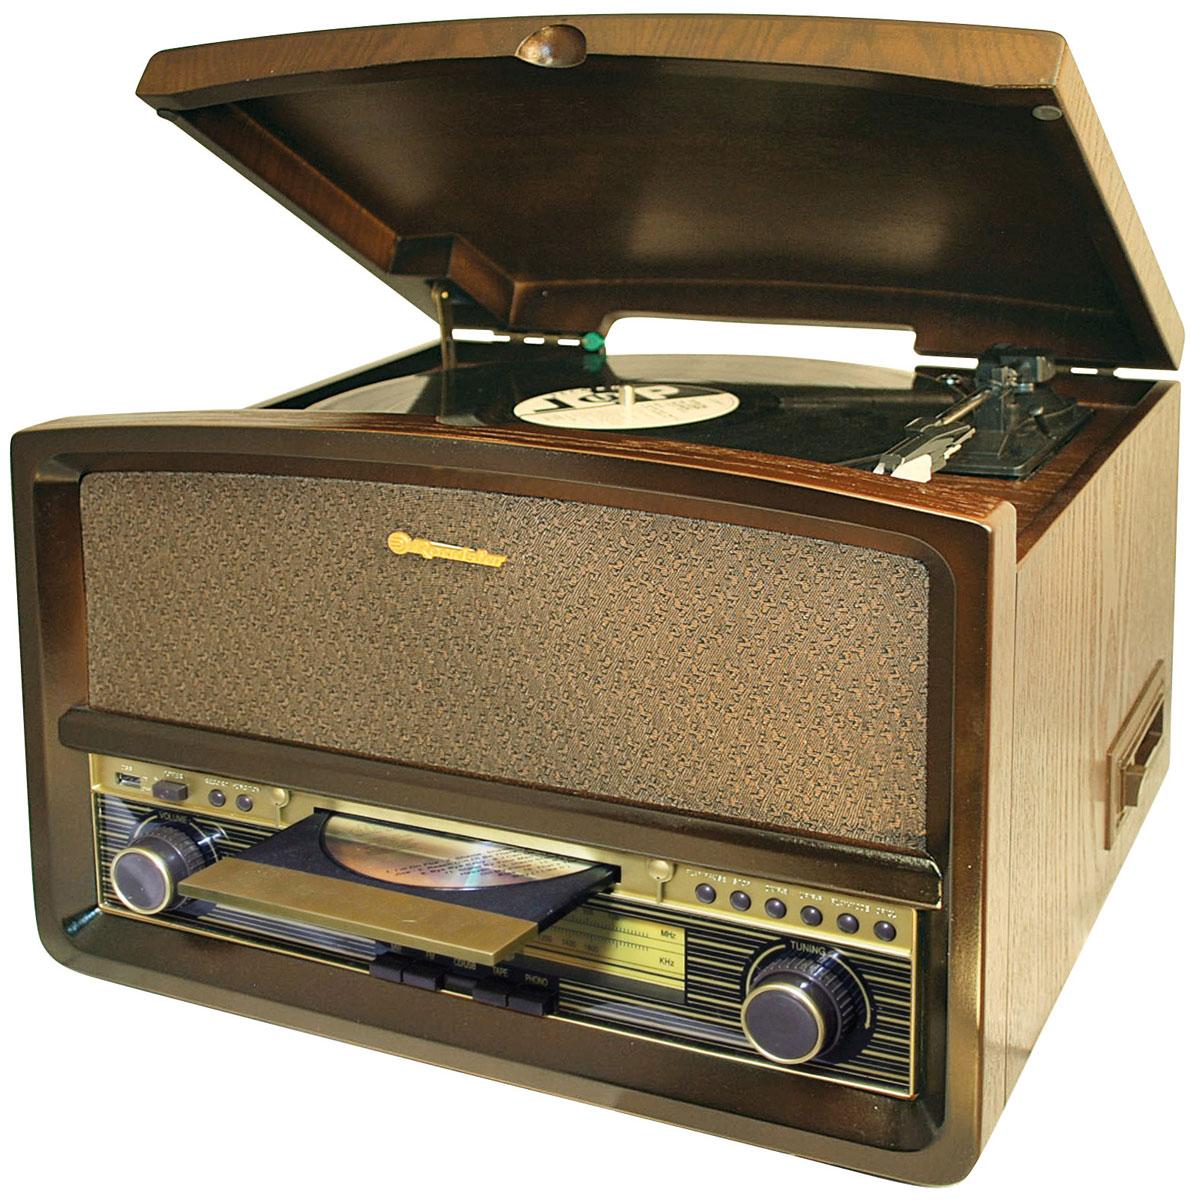 RoadStar HIF-1937TUMPK проигрыватель виниловых дисков виниловые пластинки proffi набор виниловых пластинок arabesque vii viii ix